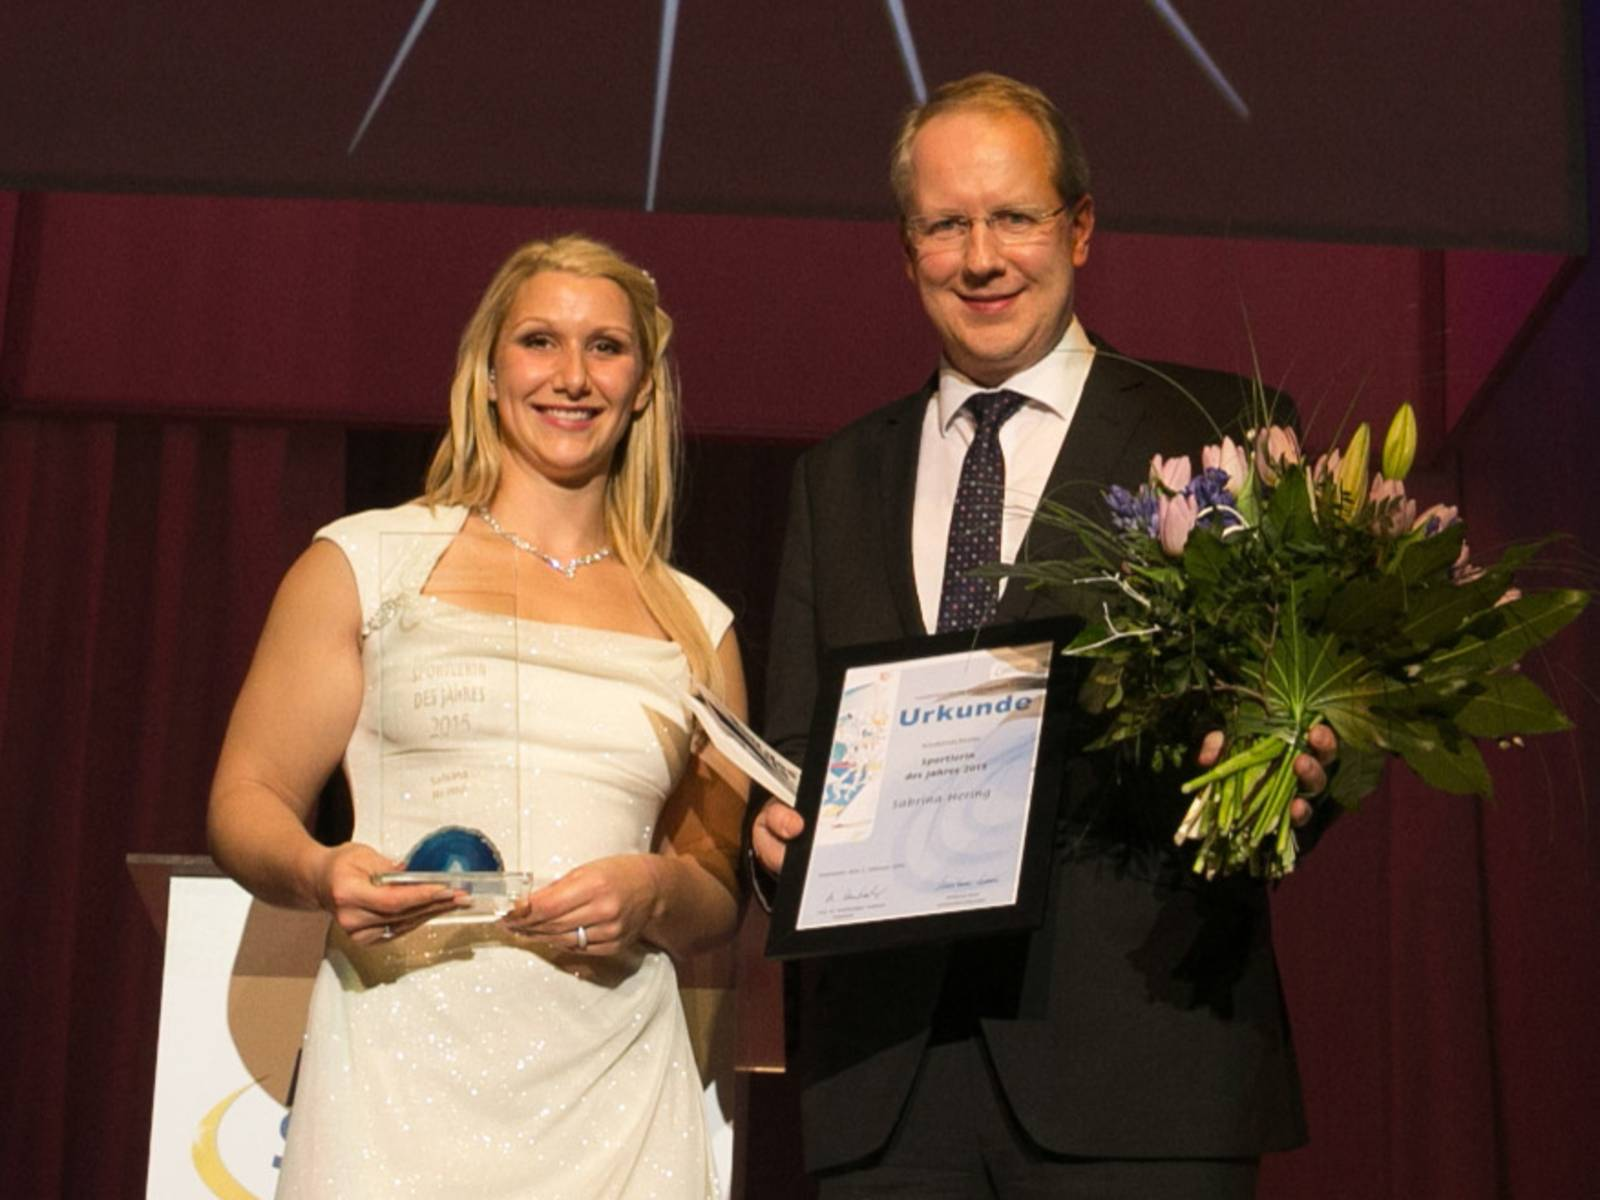 Sabrina Hering wird von Oberbürgermeister Stefan Schostok zu Niedersachsens Sportlerin des Jahres auszeichnet.